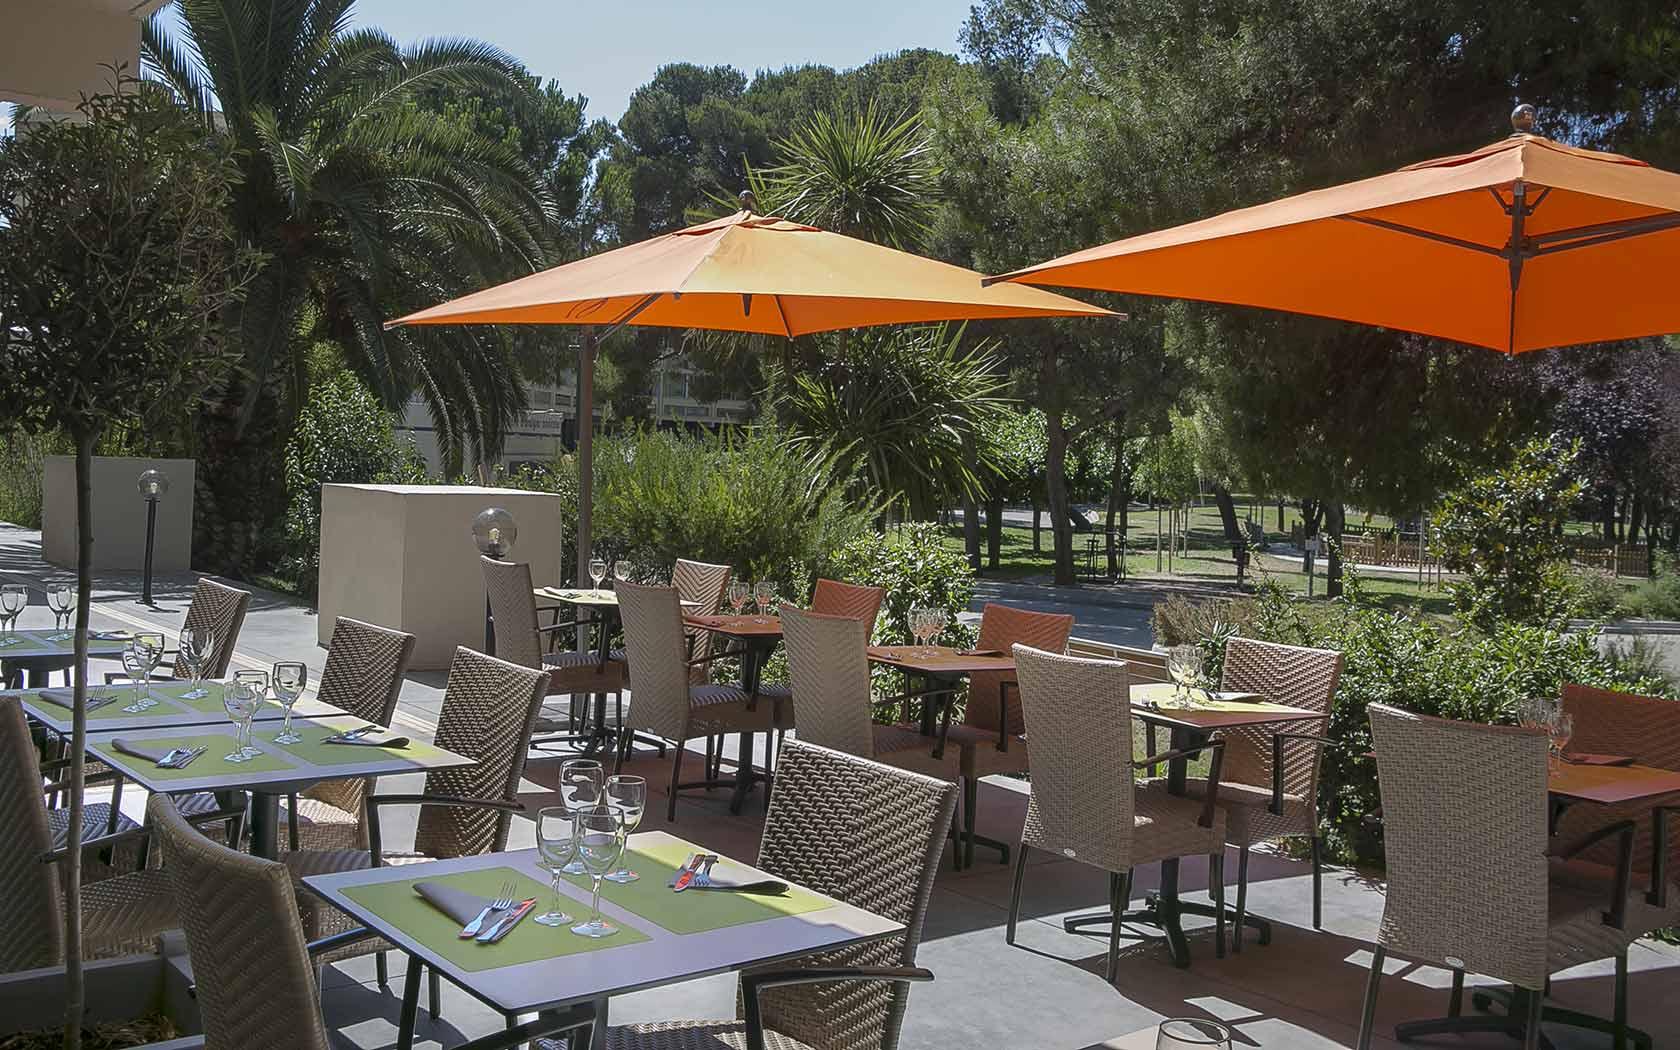 hotel-des-thermes-terrasses-sud-de-la-france